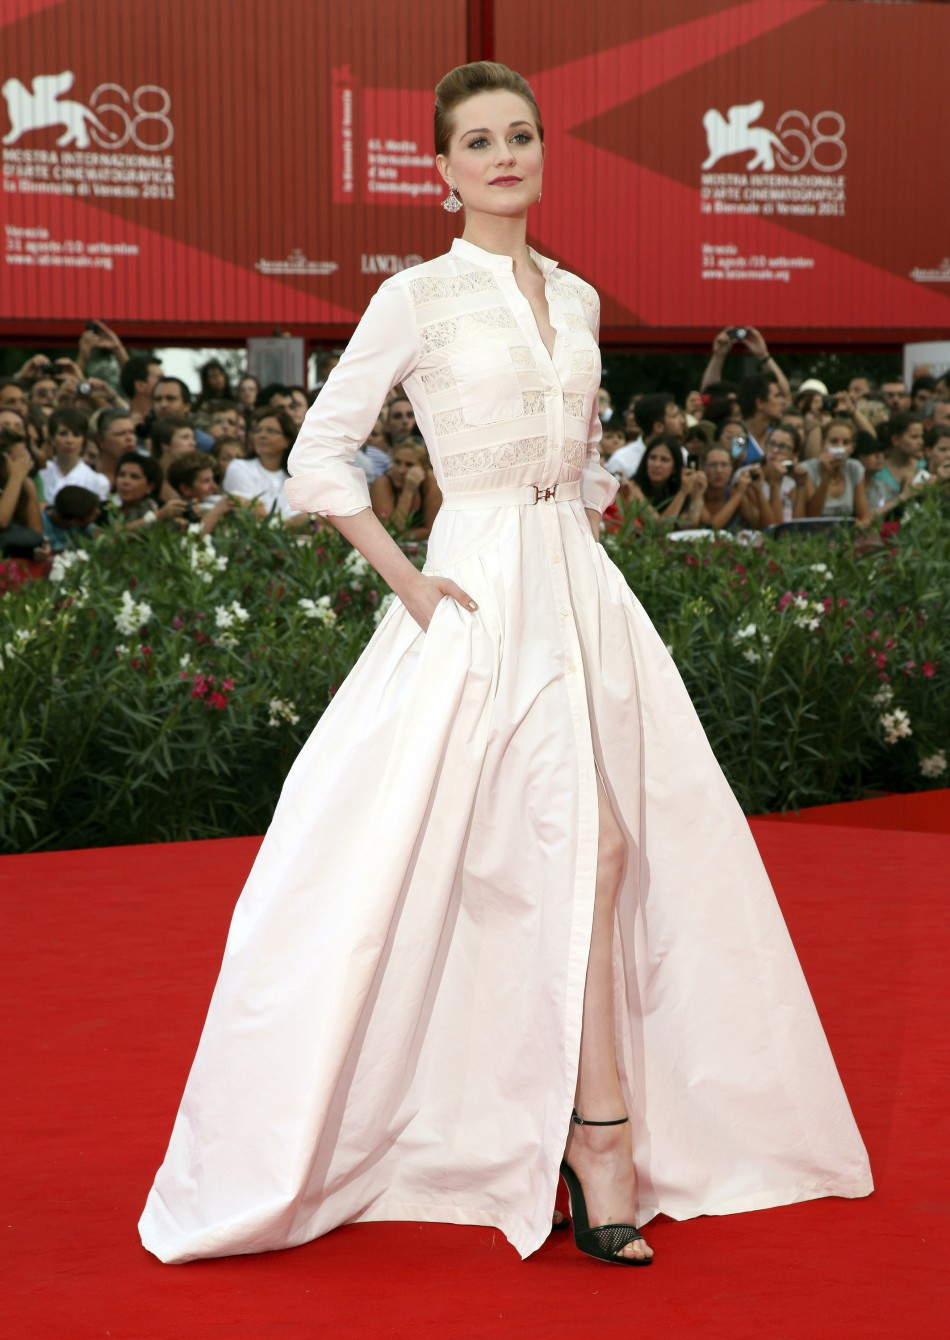 6. Evan Rachel Wood